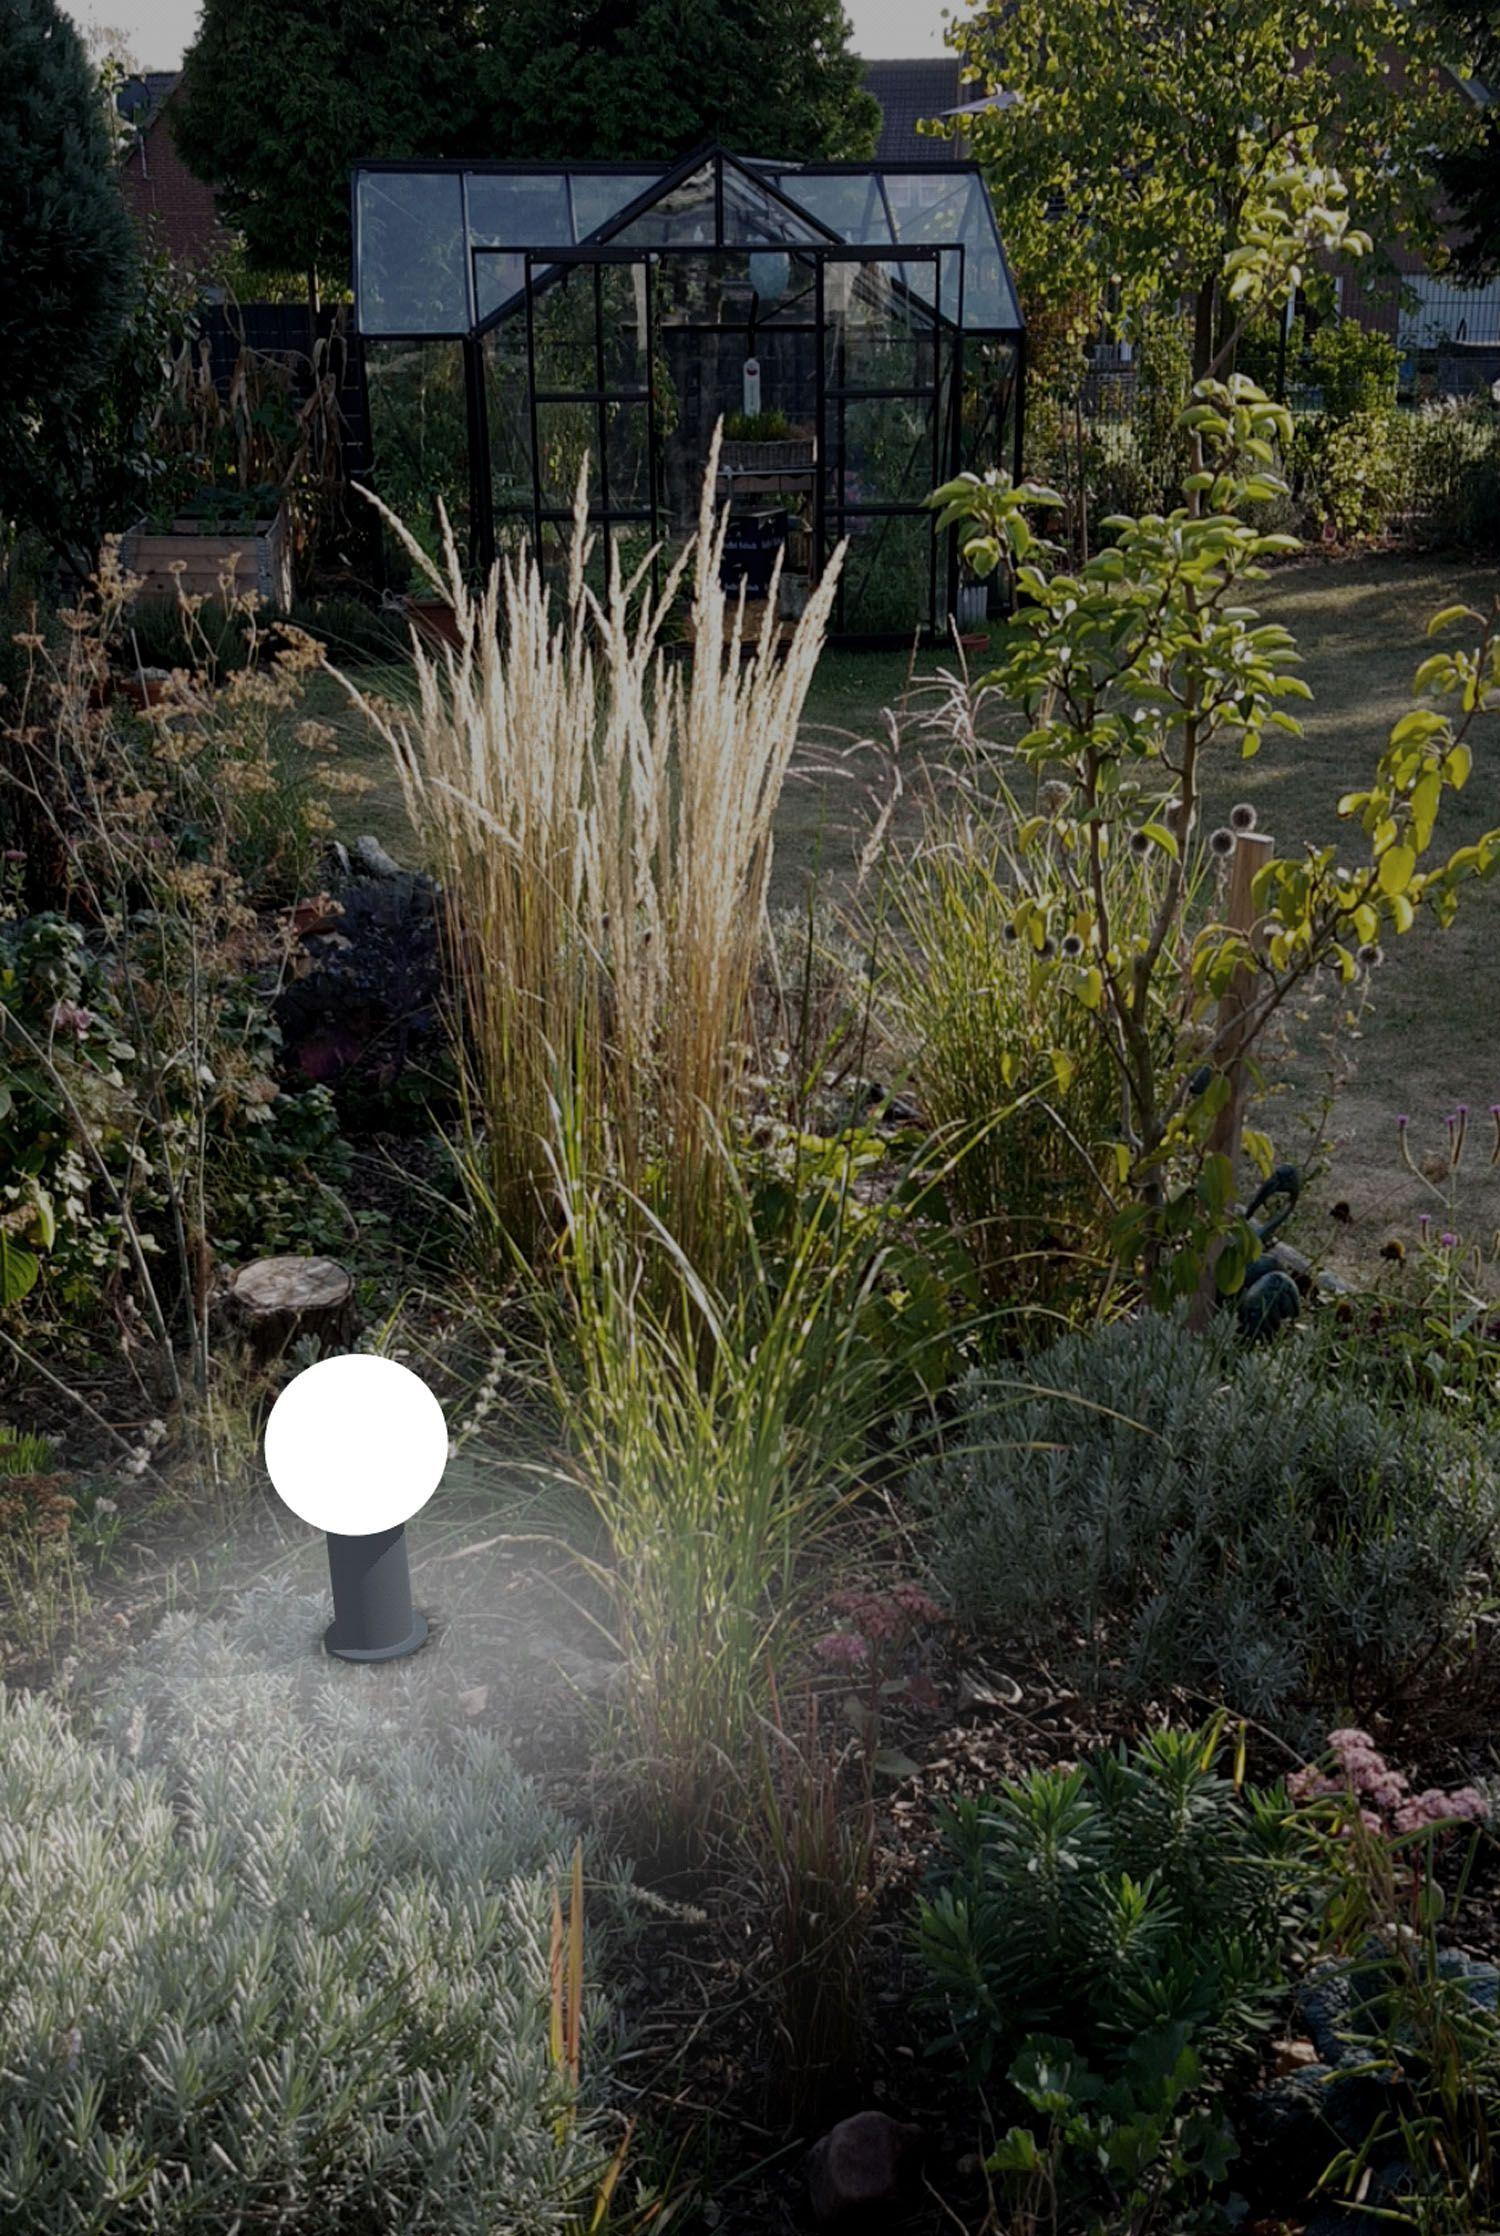 Lichtplanung Im Garten Mit Der App Bega Ar Gruneliebe Garten Lichtplanung Licht